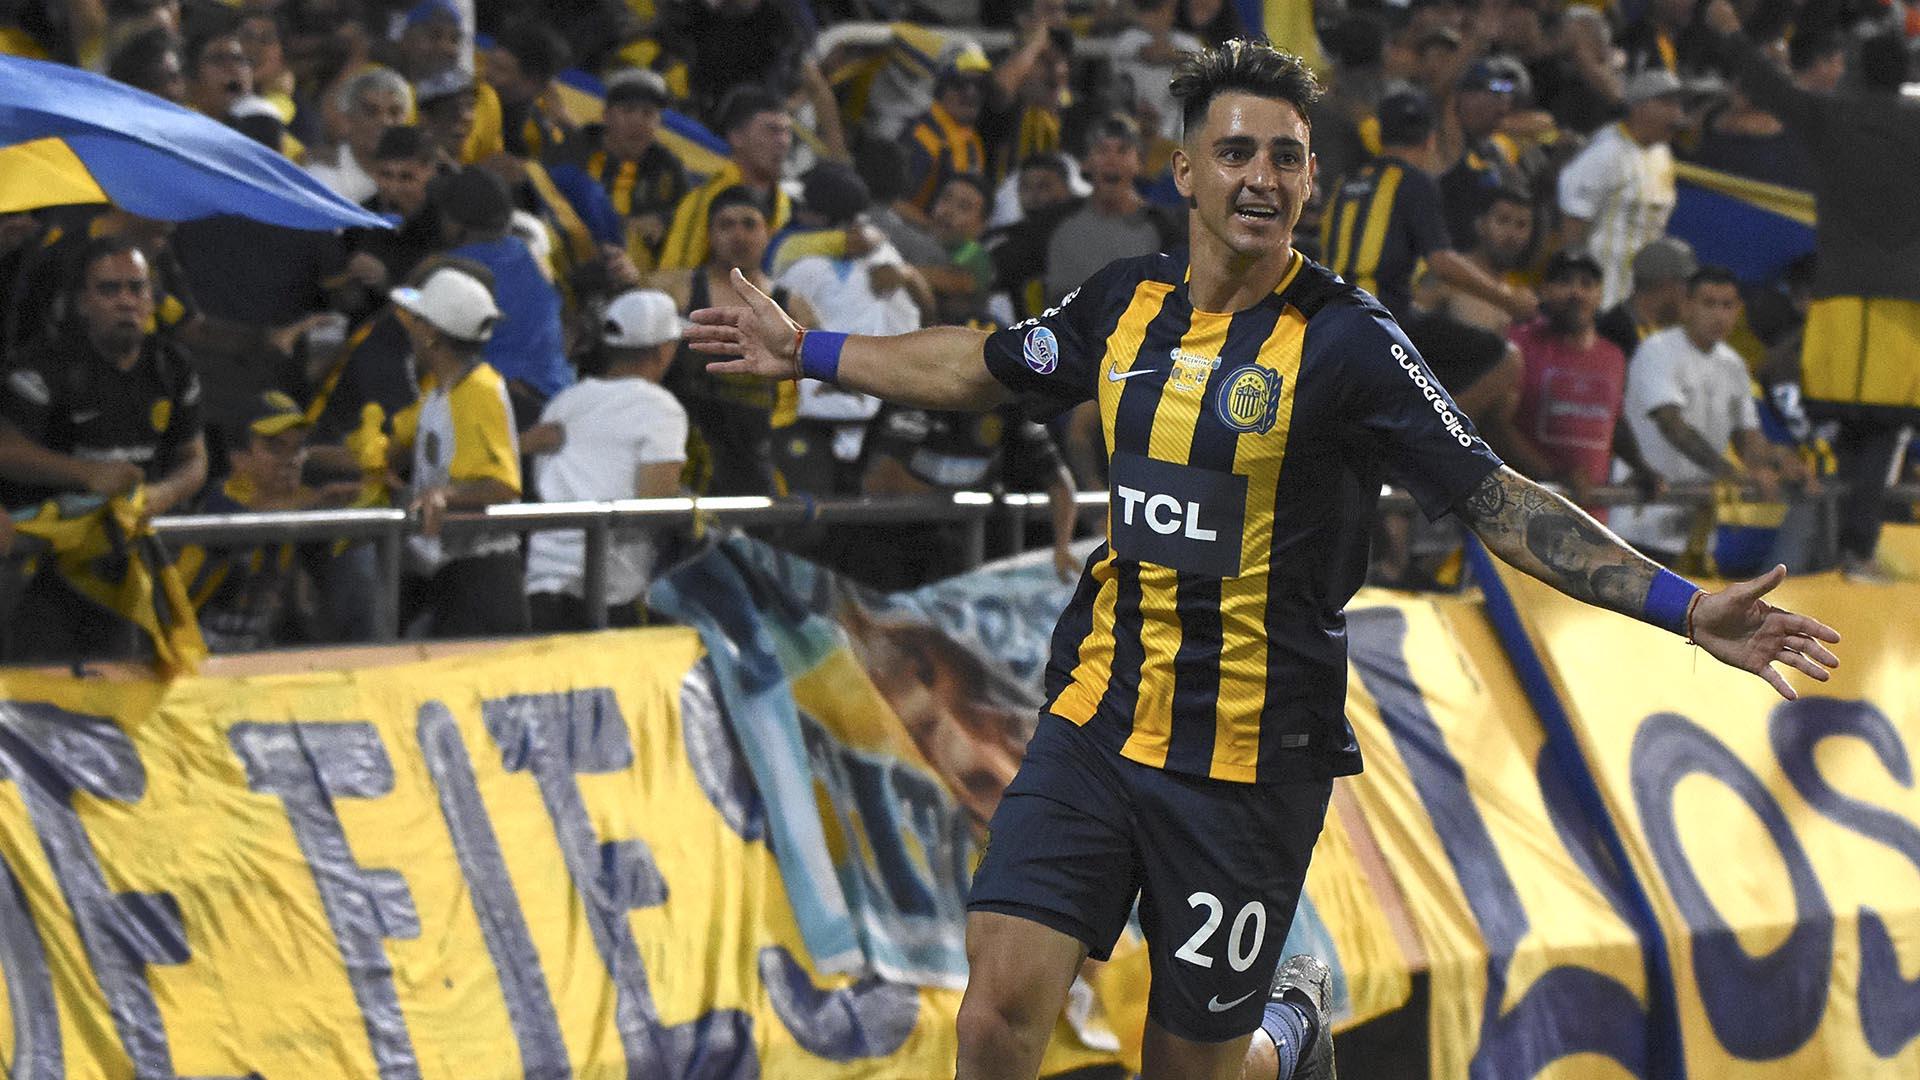 Fernando Zampedri festeja luego de convertir el primer gol para Rosario Central que enfrentó a Gimnasia y Esgrima La Plata, por la final de la Copa Argentina.